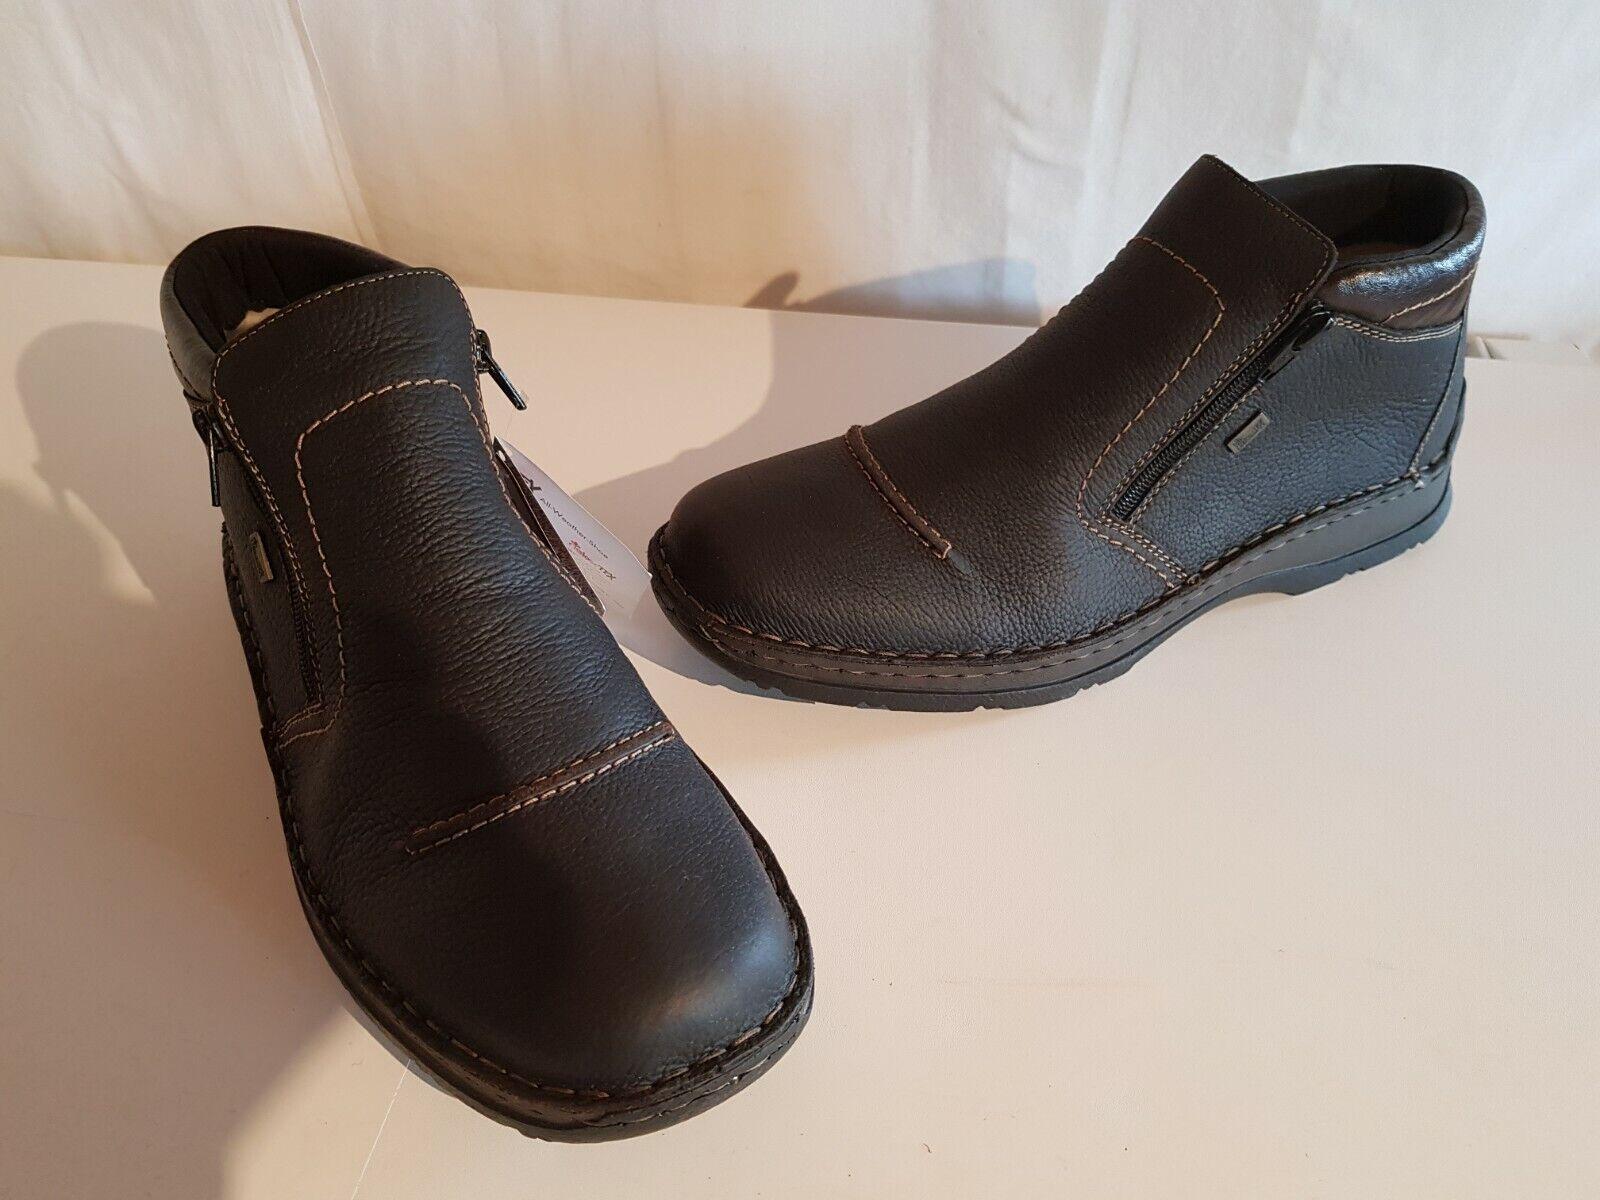 Rieker 05372-27 Herren Leder Stiefel mit Reißverschluss dunkelbraun Größe 46 NEU